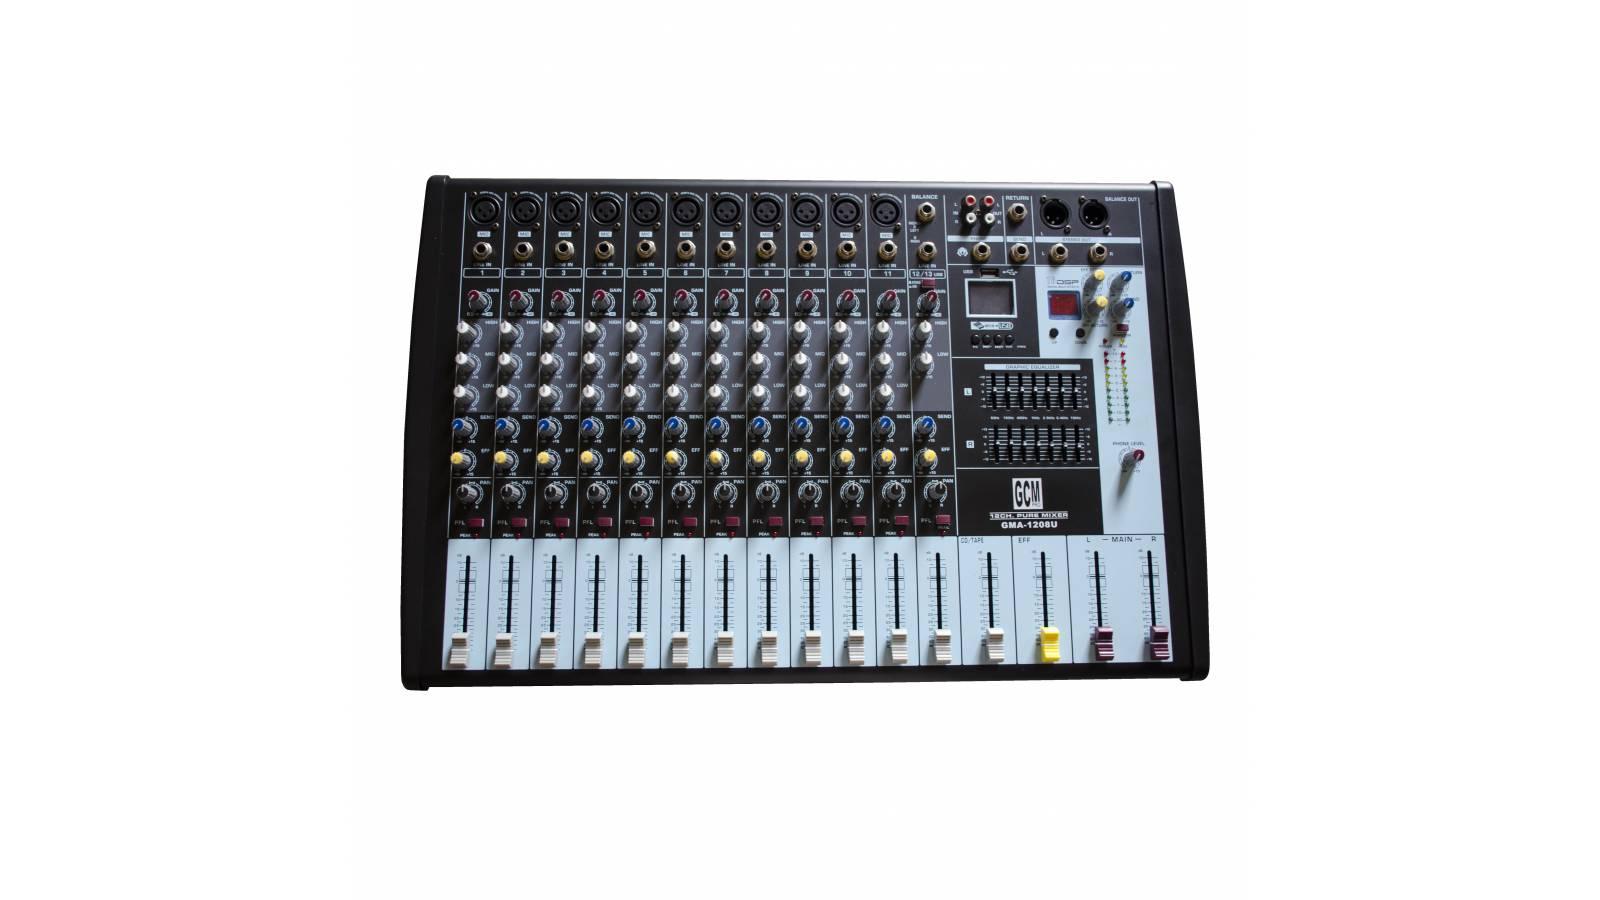 Consola/Mixer 12 canales + entrada USB - GMA-1208U GCM DJ LINE